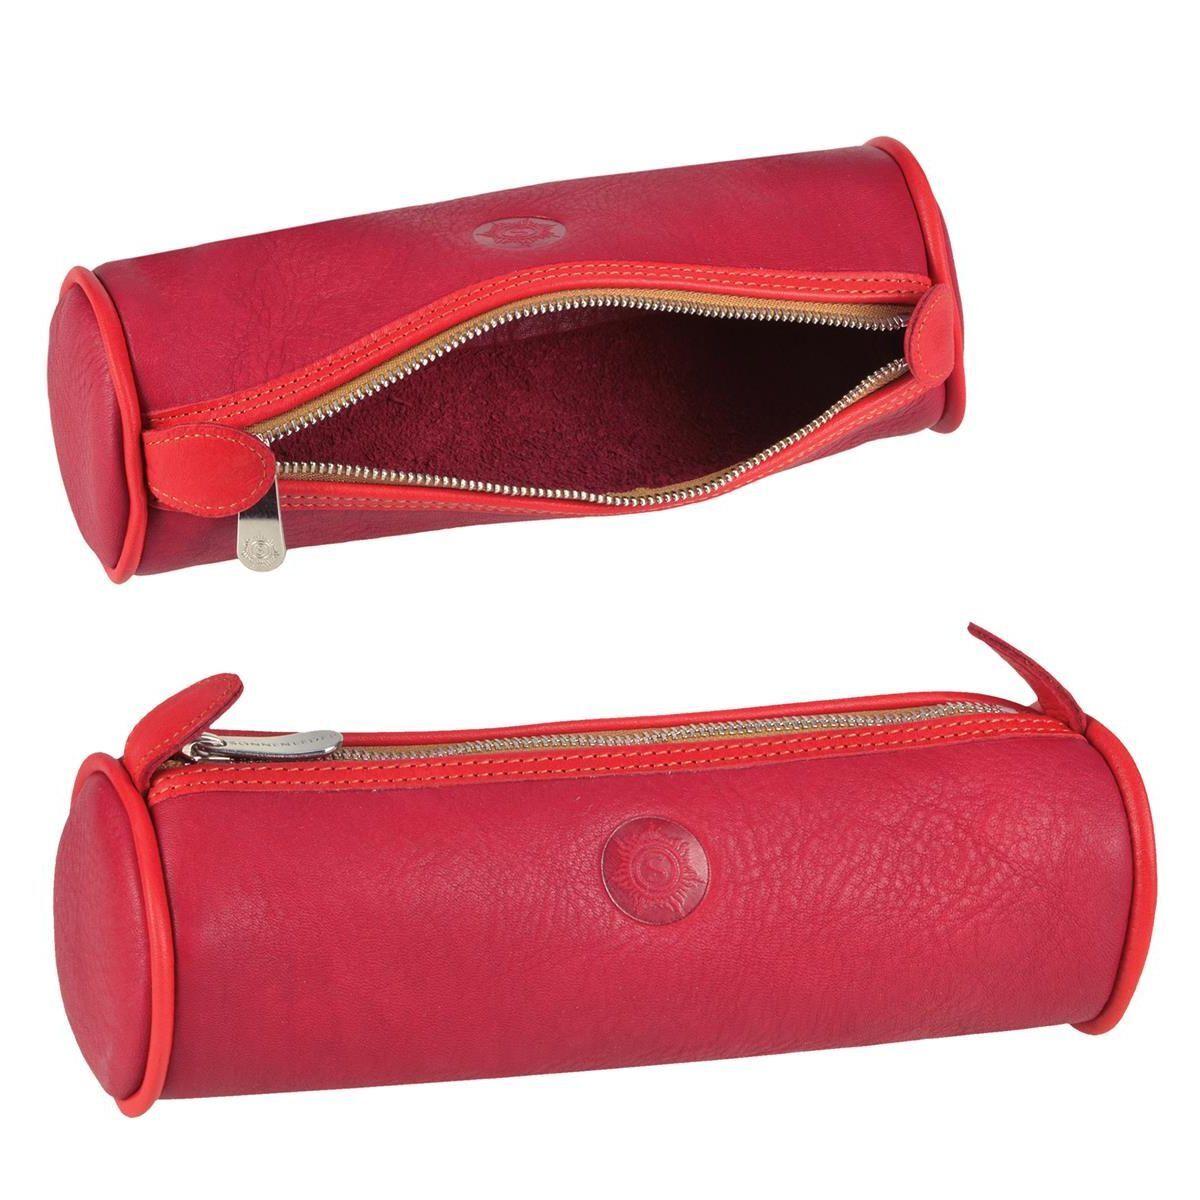 Sonnenleder Stifteetui Federtasche Schlamper Leder Schuletui Lotta rot | Spezielle Funktion  | Stilvoll und lustig  | Die Farbe ist sehr auffällig